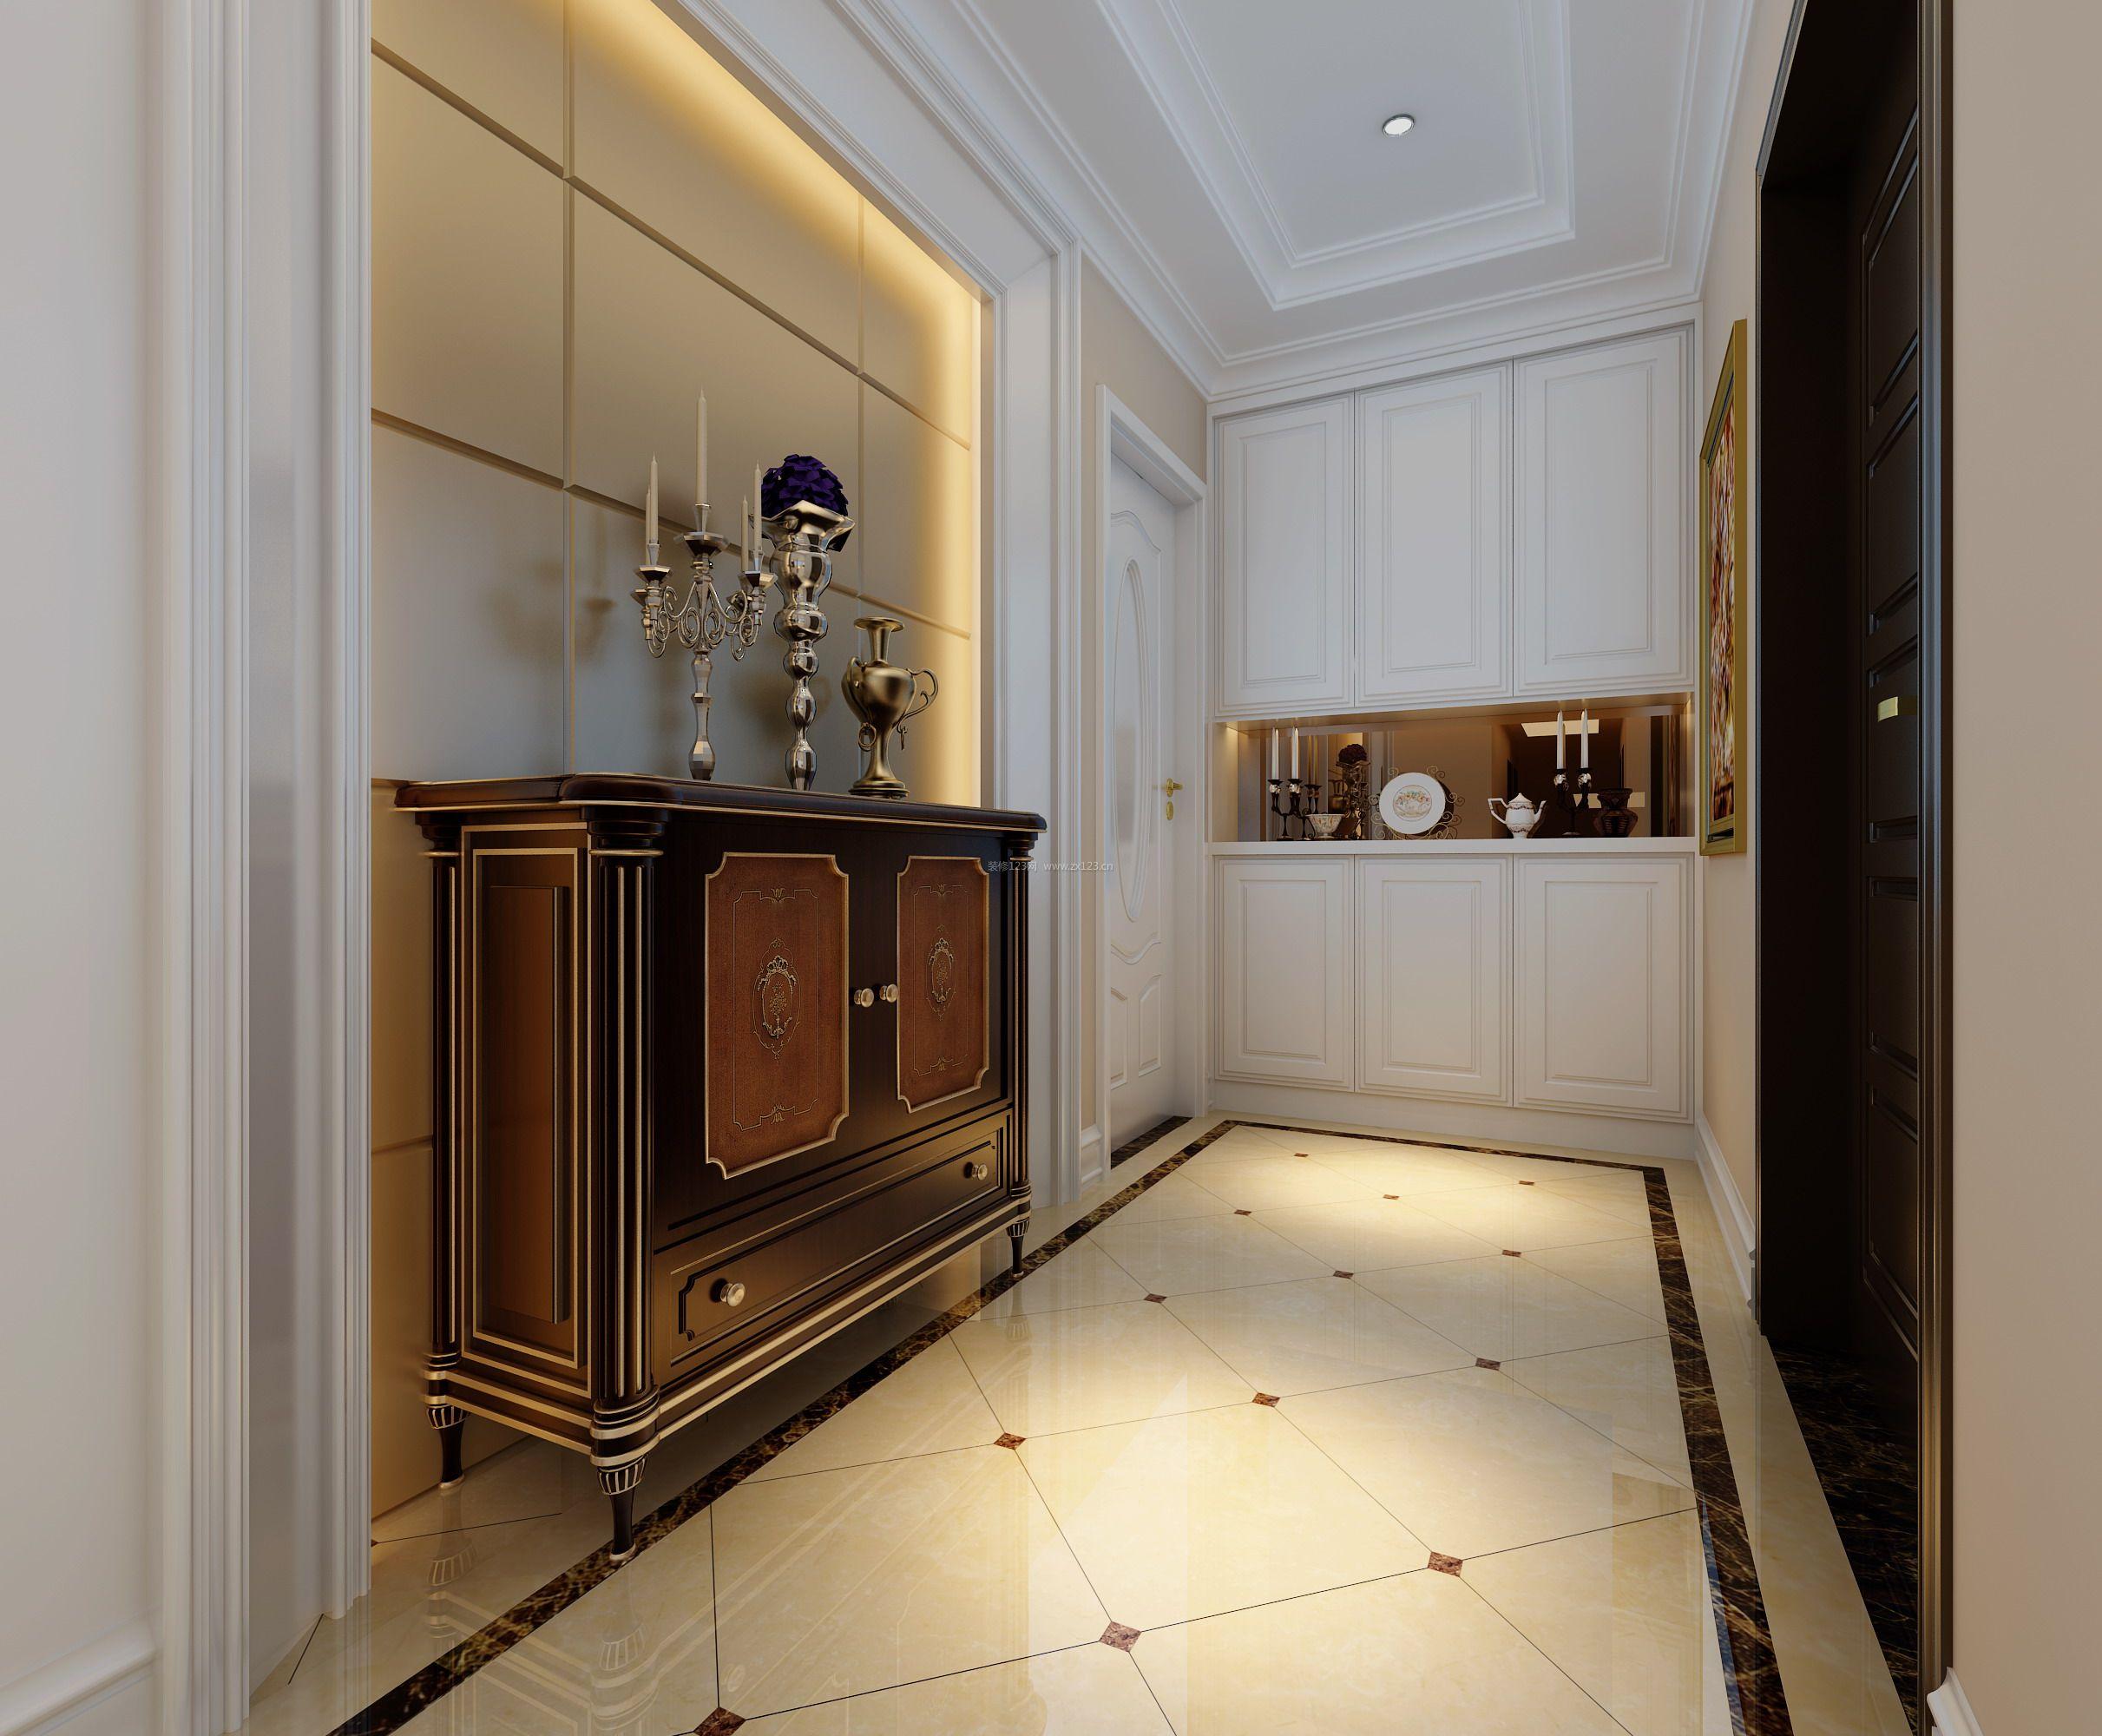 欧式家居过道装饰柜装修效果图片图片